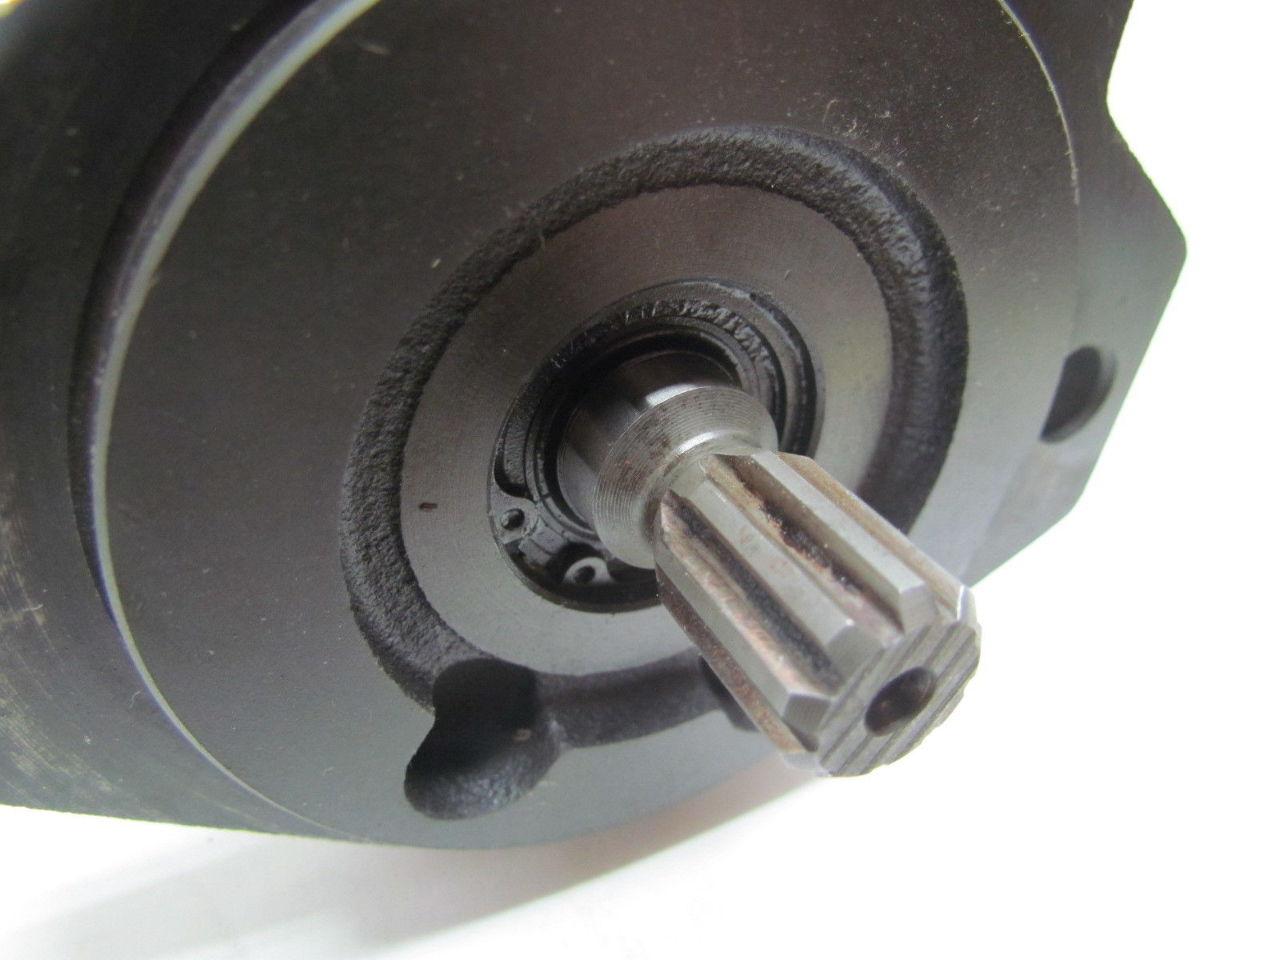 Bosch 0510625346 0 510 625 346 Sae A Hydraulic Gear Motor